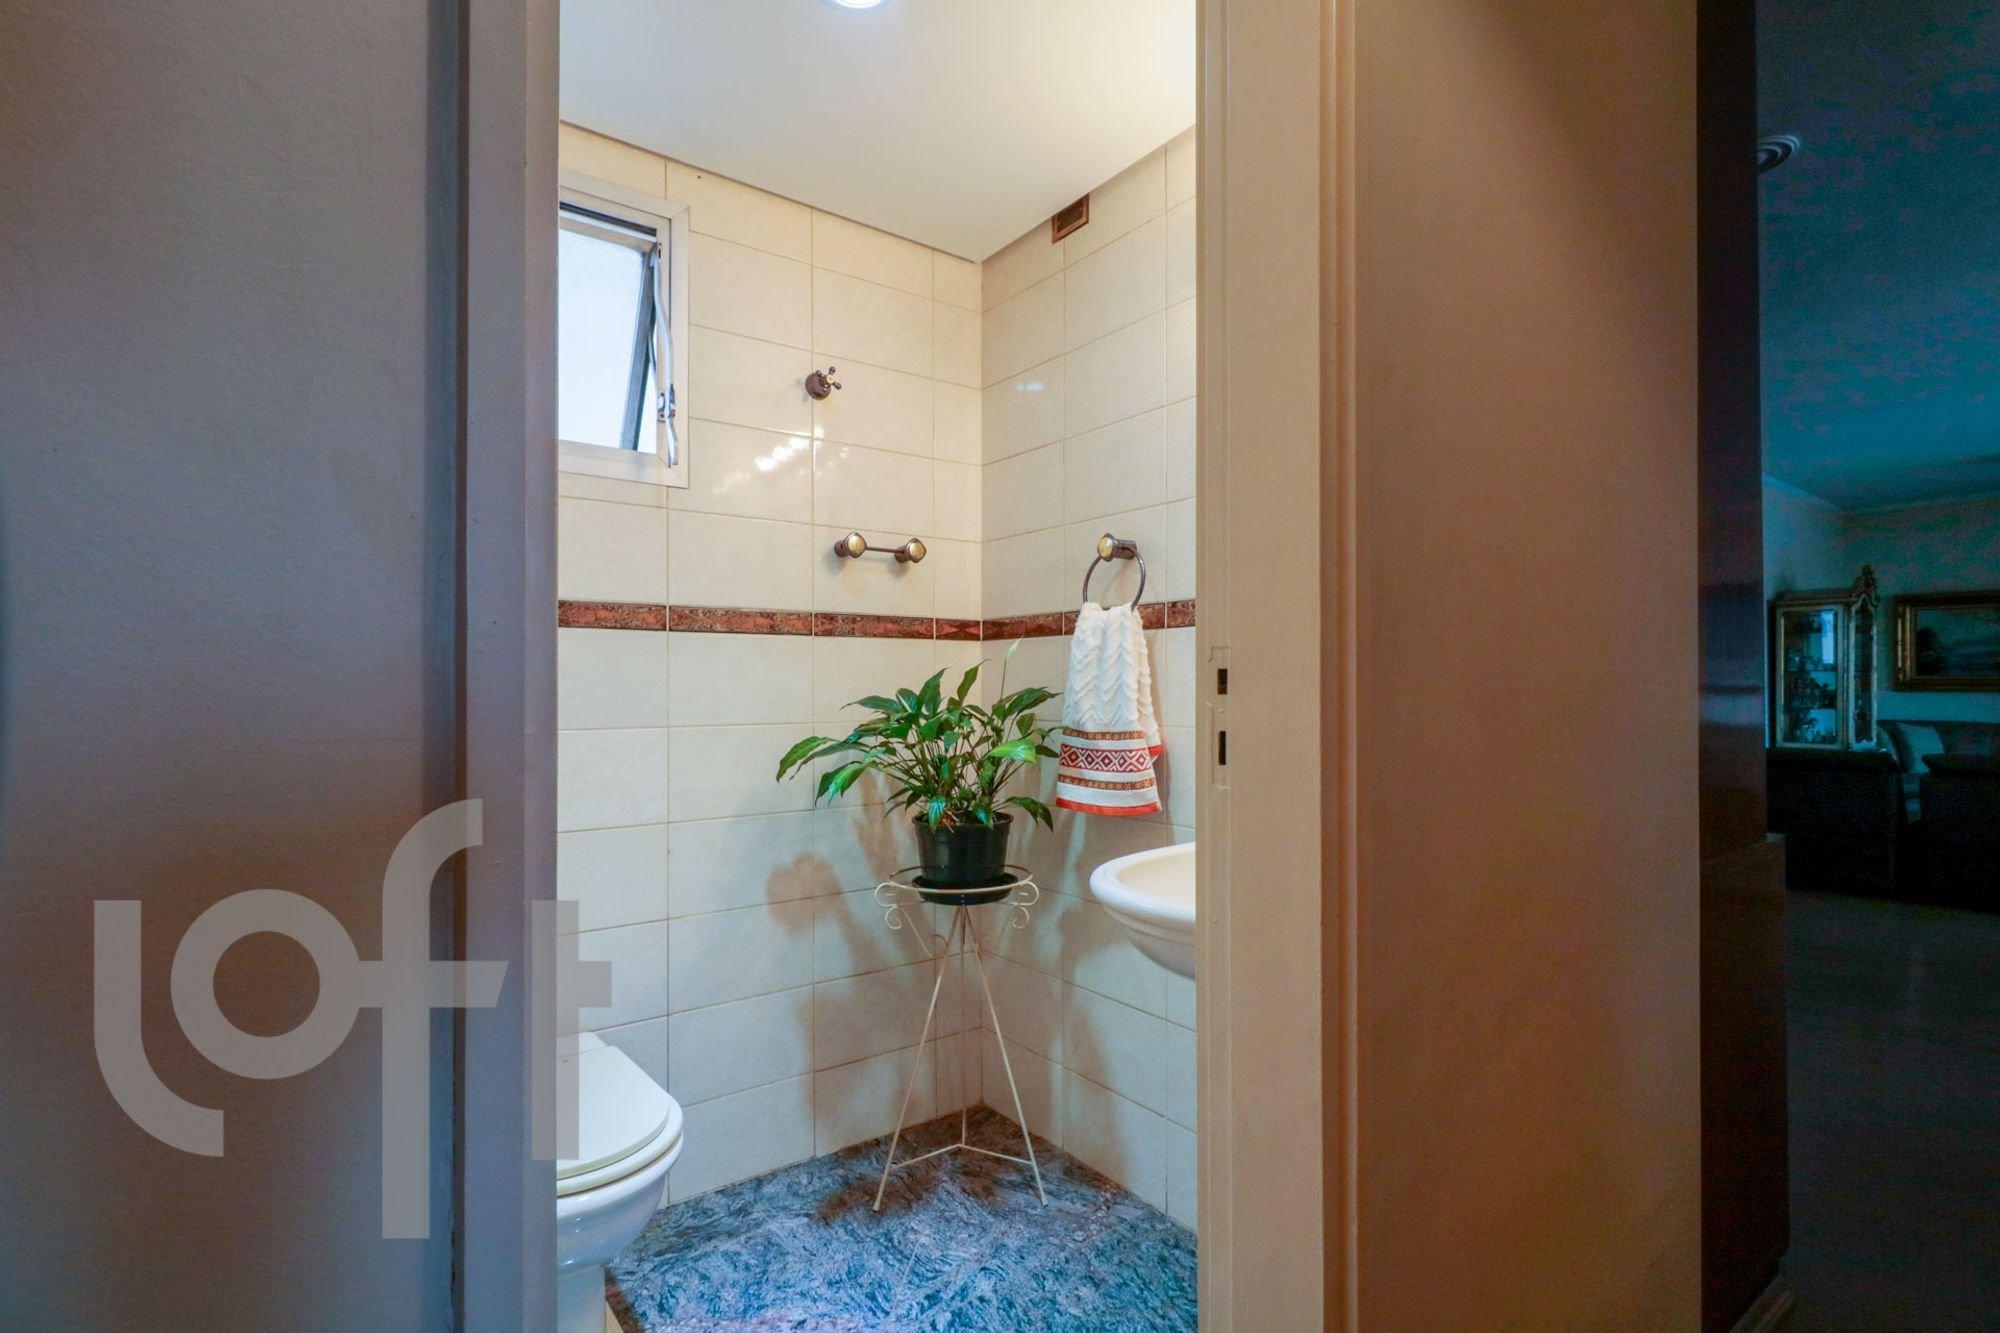 Foto de Banheiro com vaso de planta, vaso sanitário